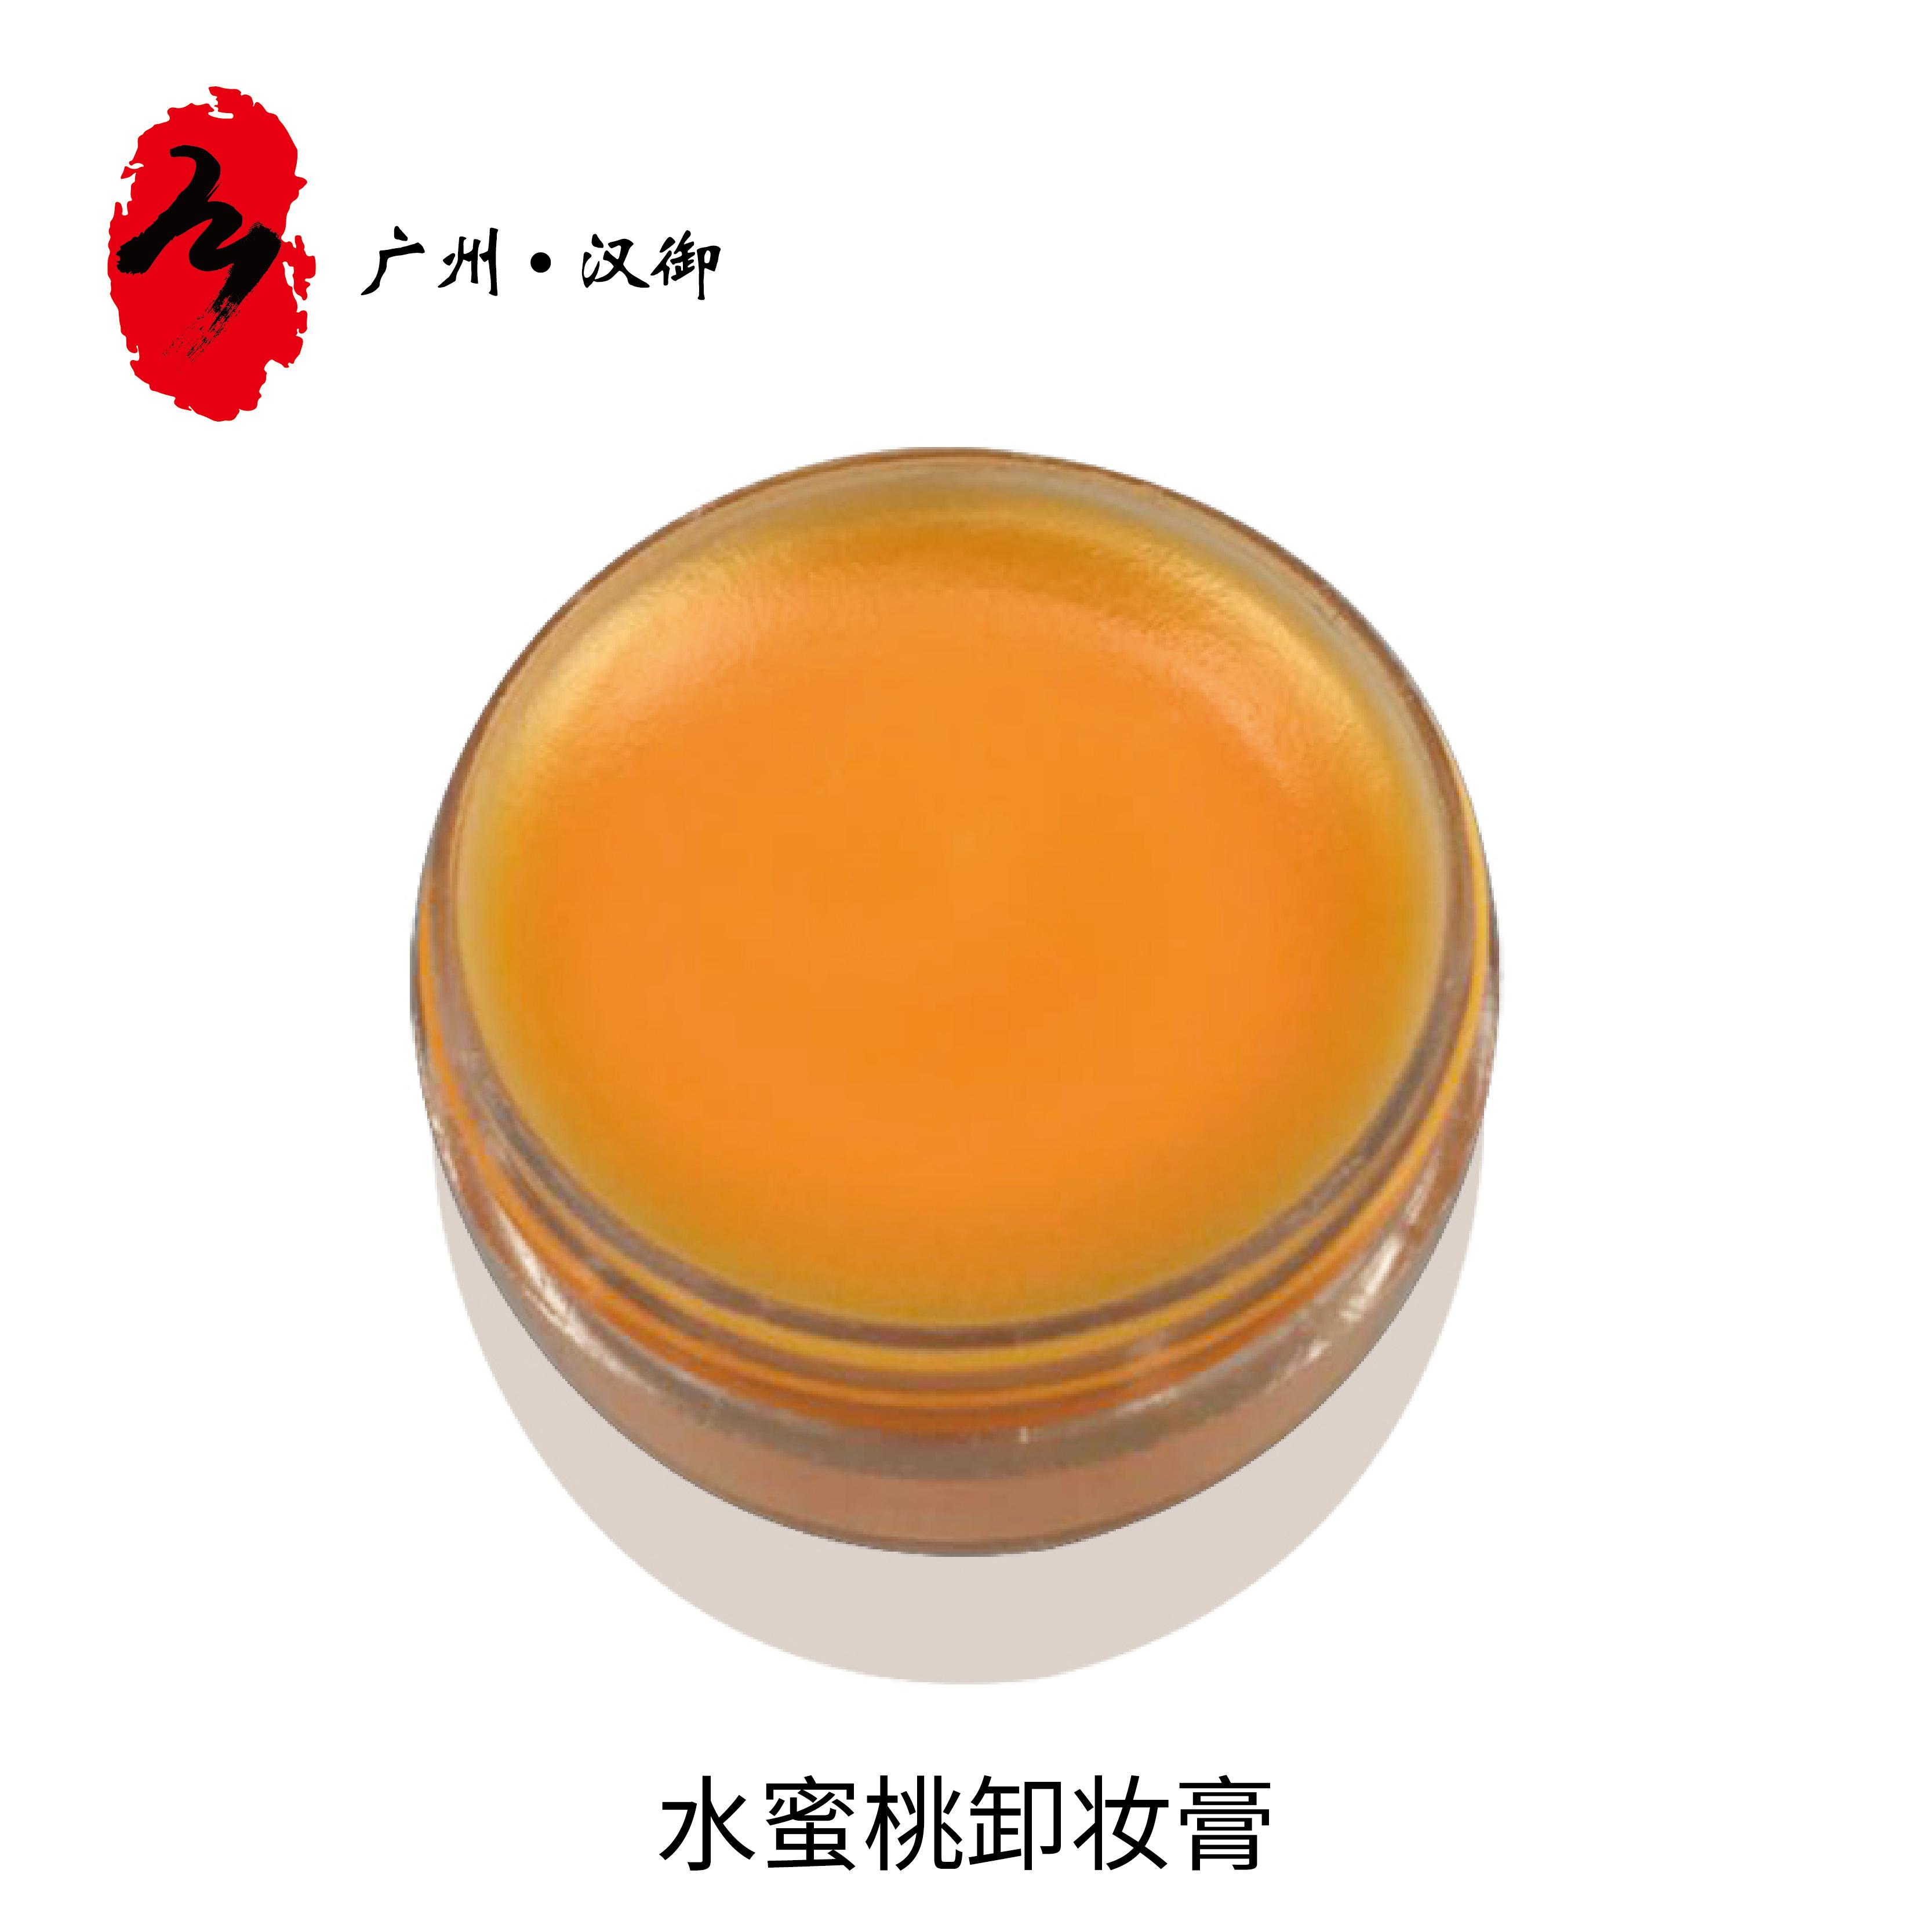 水蜜桃卸妆膏OEM加工